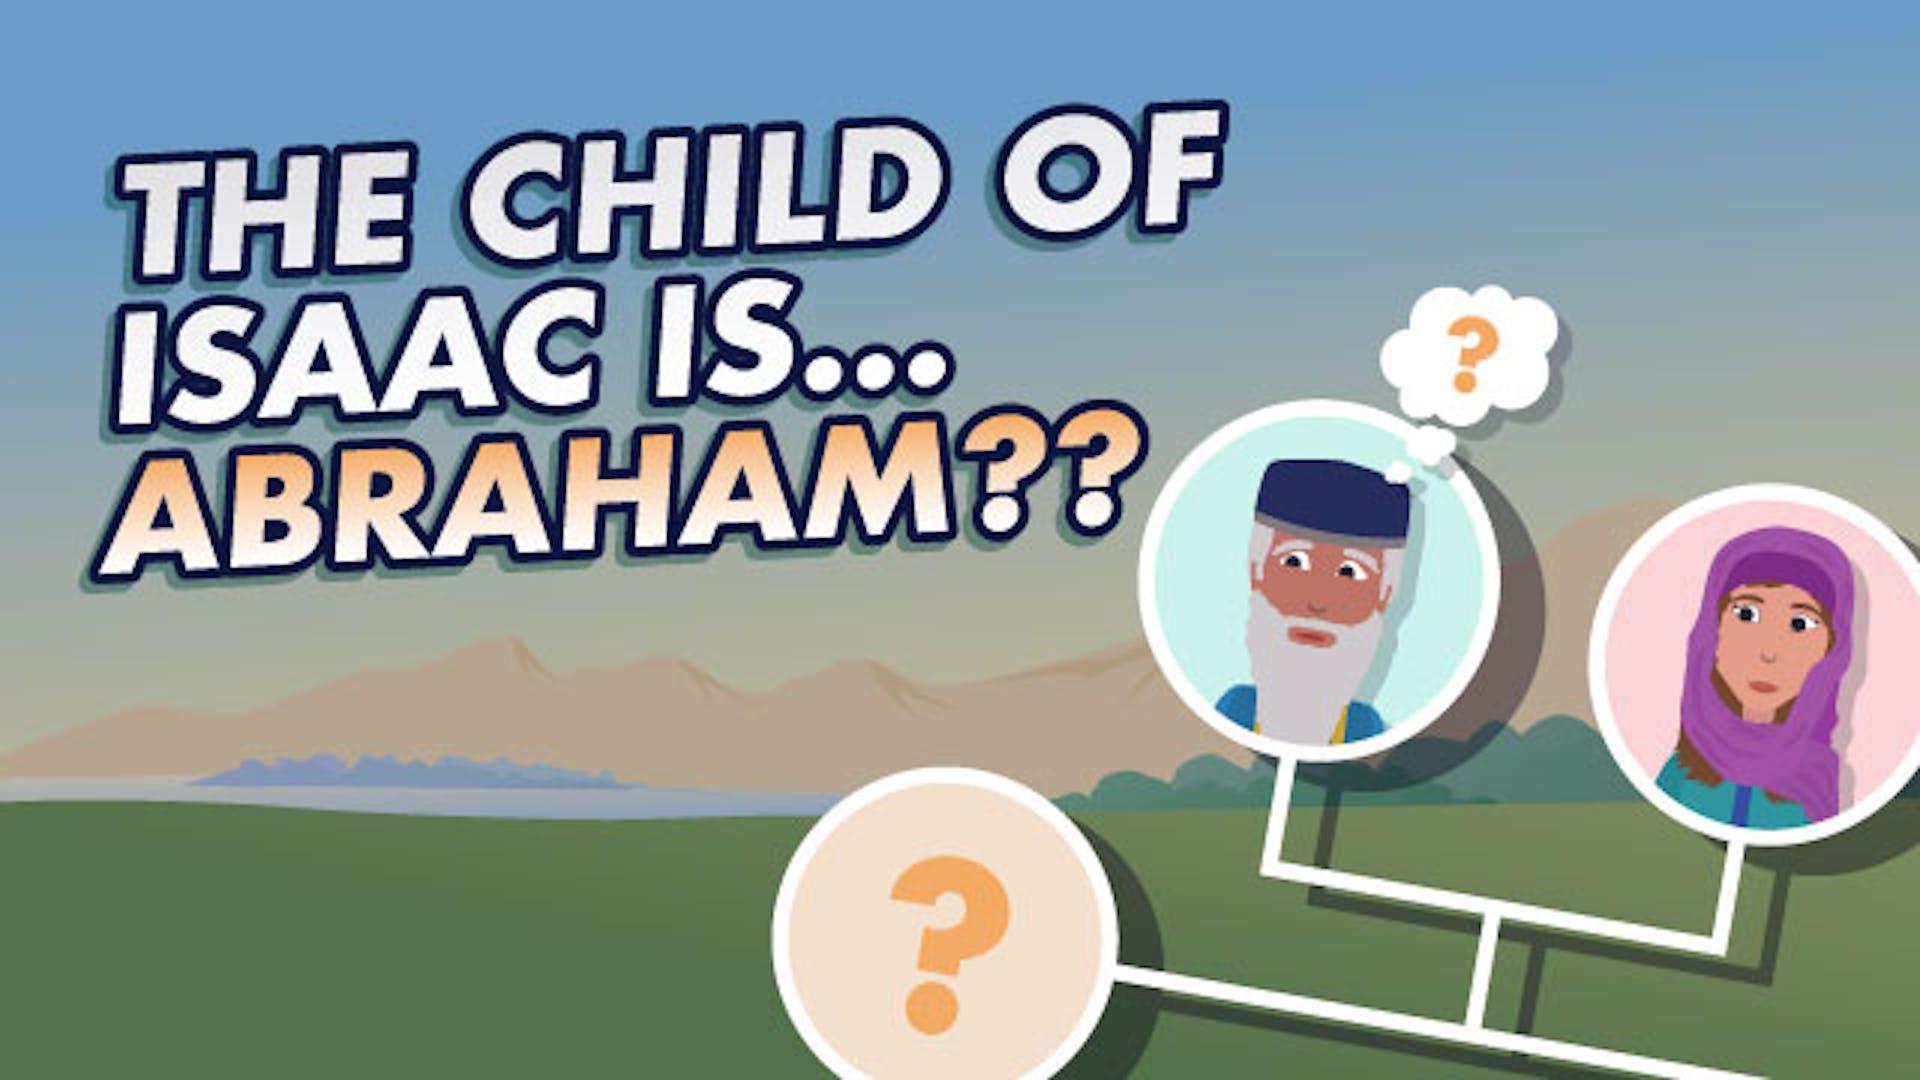 Isaac Abraham family tree